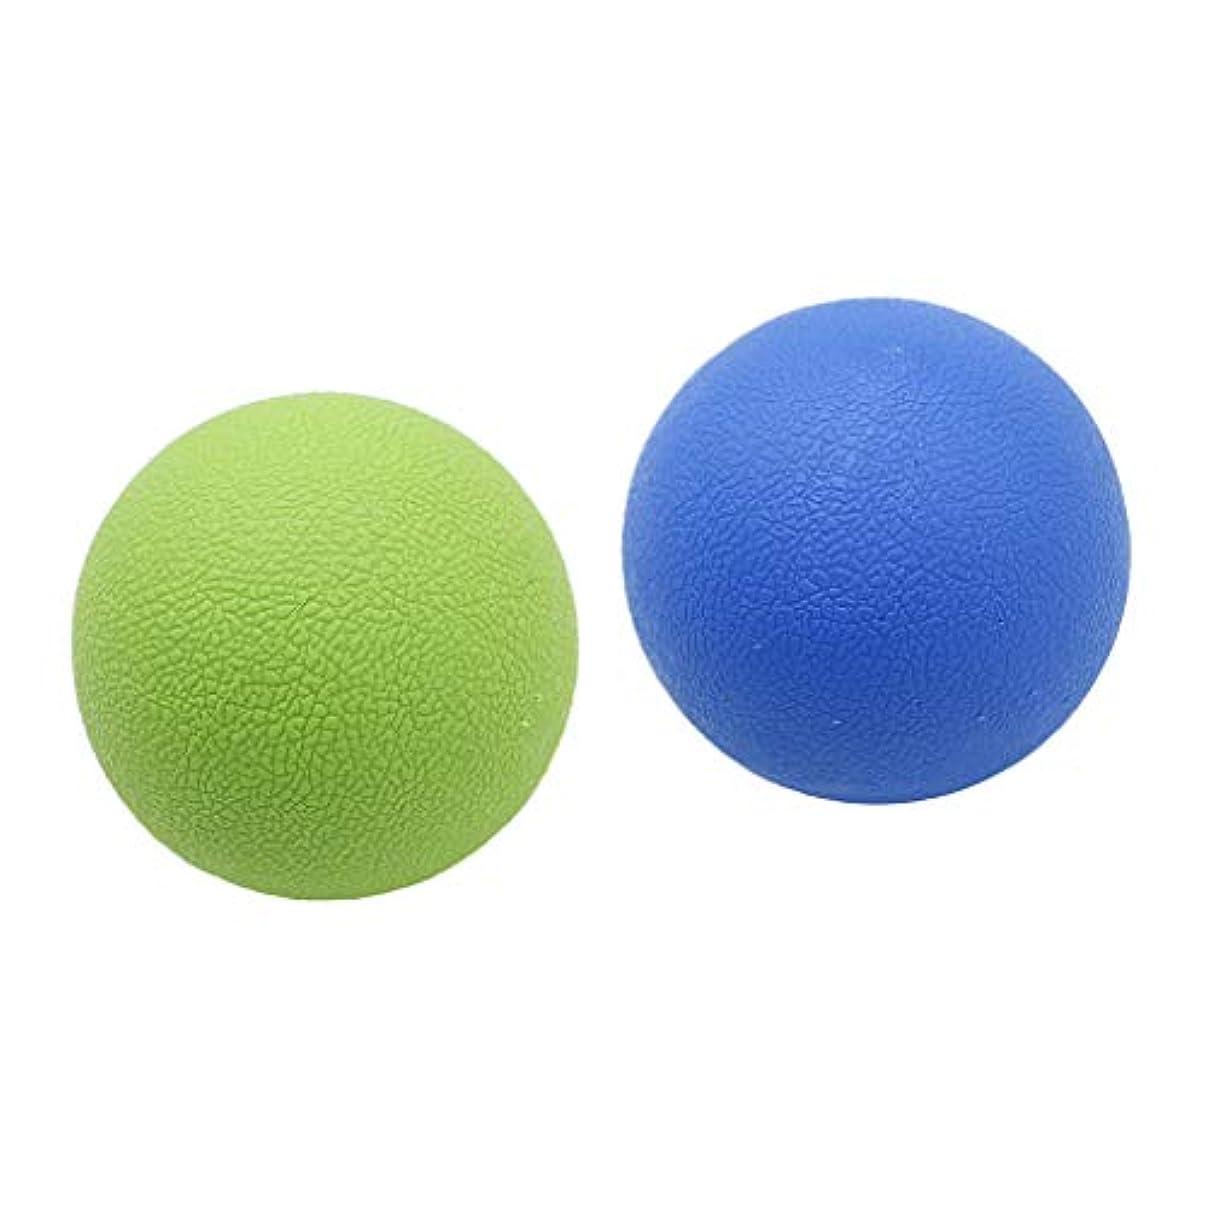 思い出す円周改善する2個 マッサージボール ラクロスボール トリガーポイント 弾性TPE 健康グッズ ブルーグリーン